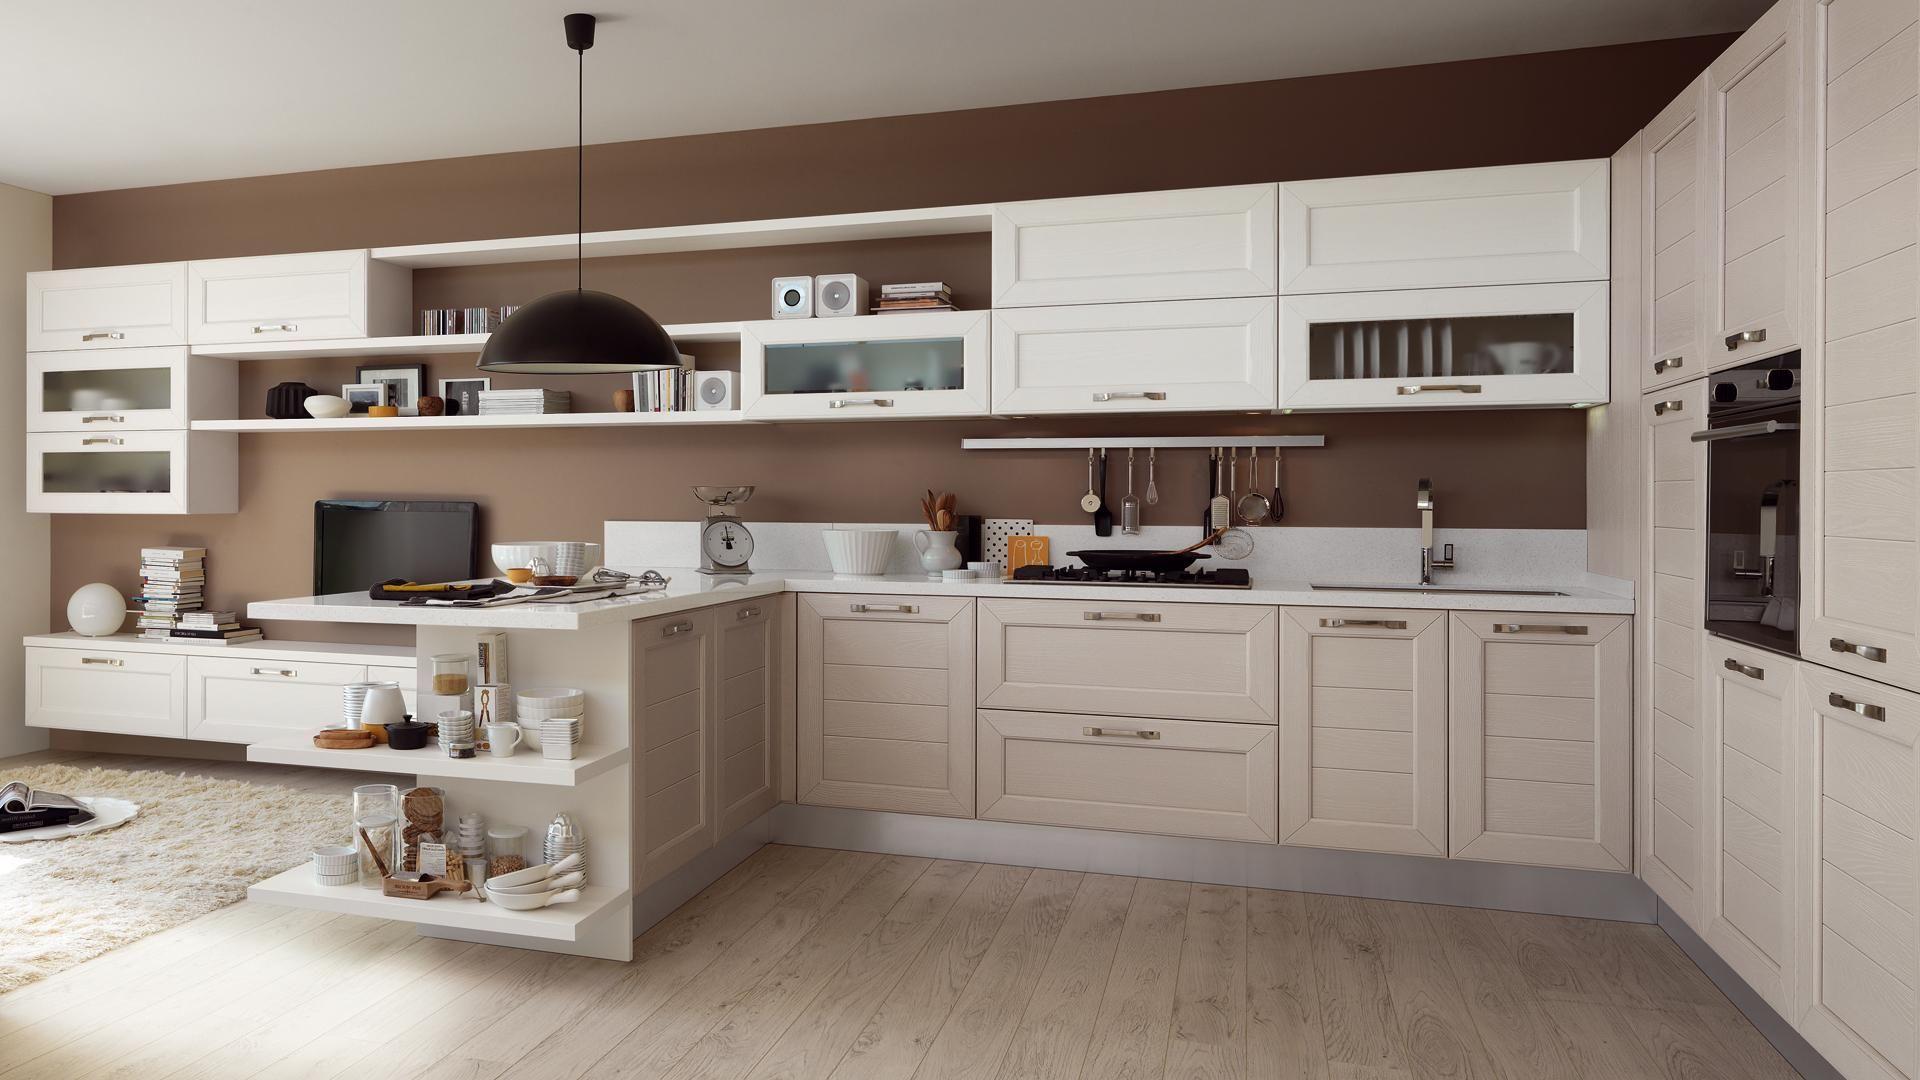 Claudia - Cucine Classiche - Cucine Lube | casa | Pinterest ...